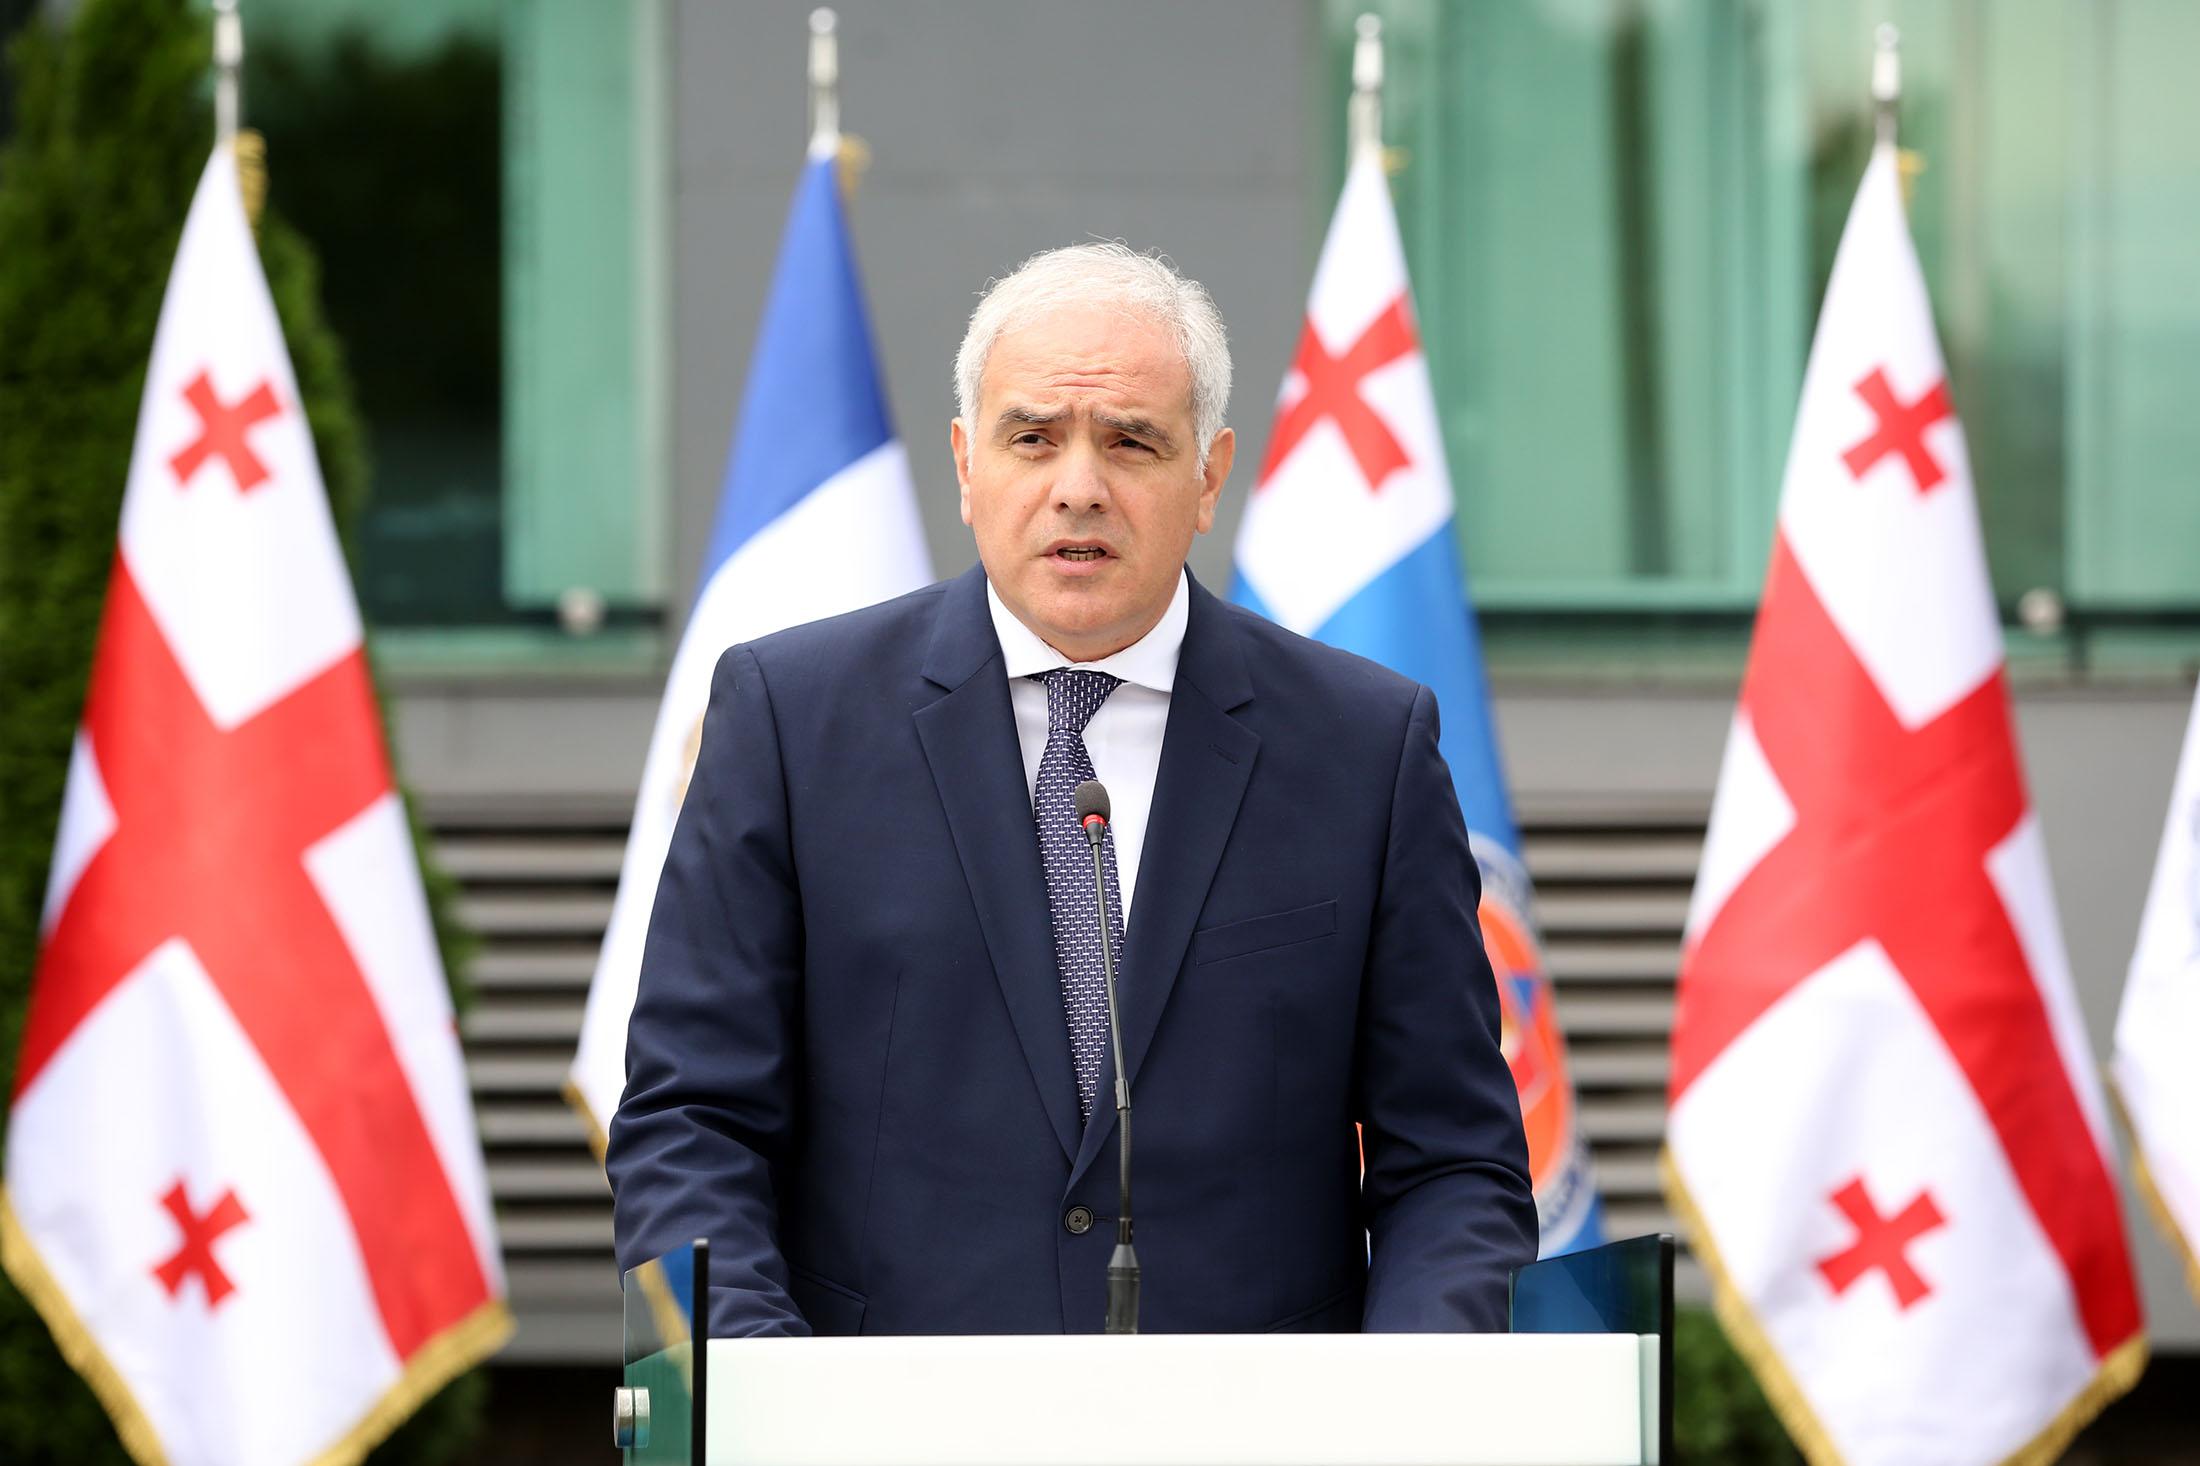 Mghebrishvili Георгий Мгебришвили Георгий Мгебришвили